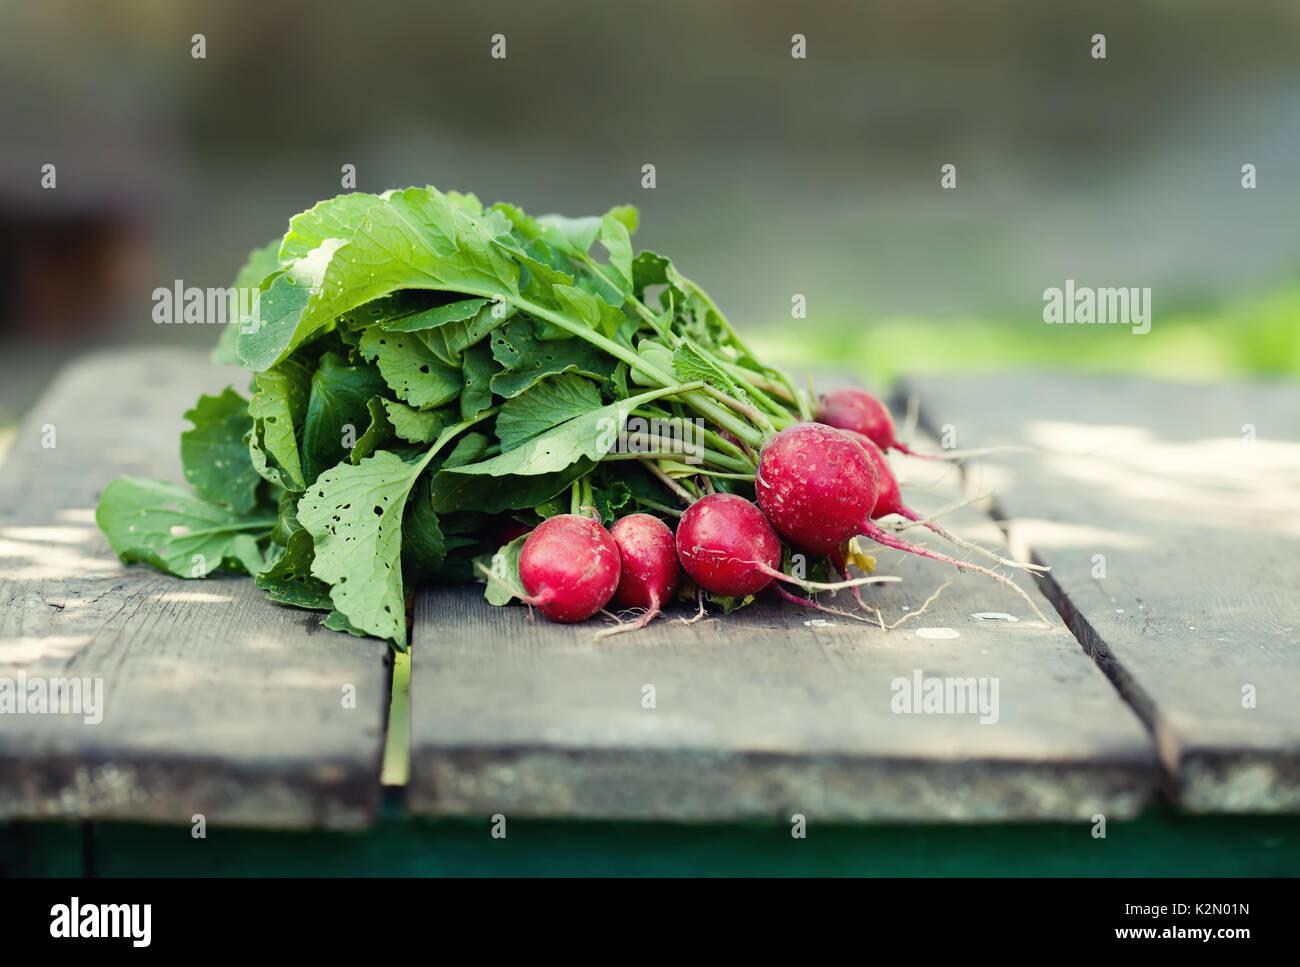 Reif Rettich auf hölzernen Tisch Hintergrund. Die Bauern essen immer noch Leben. Geringe Tiefe Feld, selektiver Stockbild